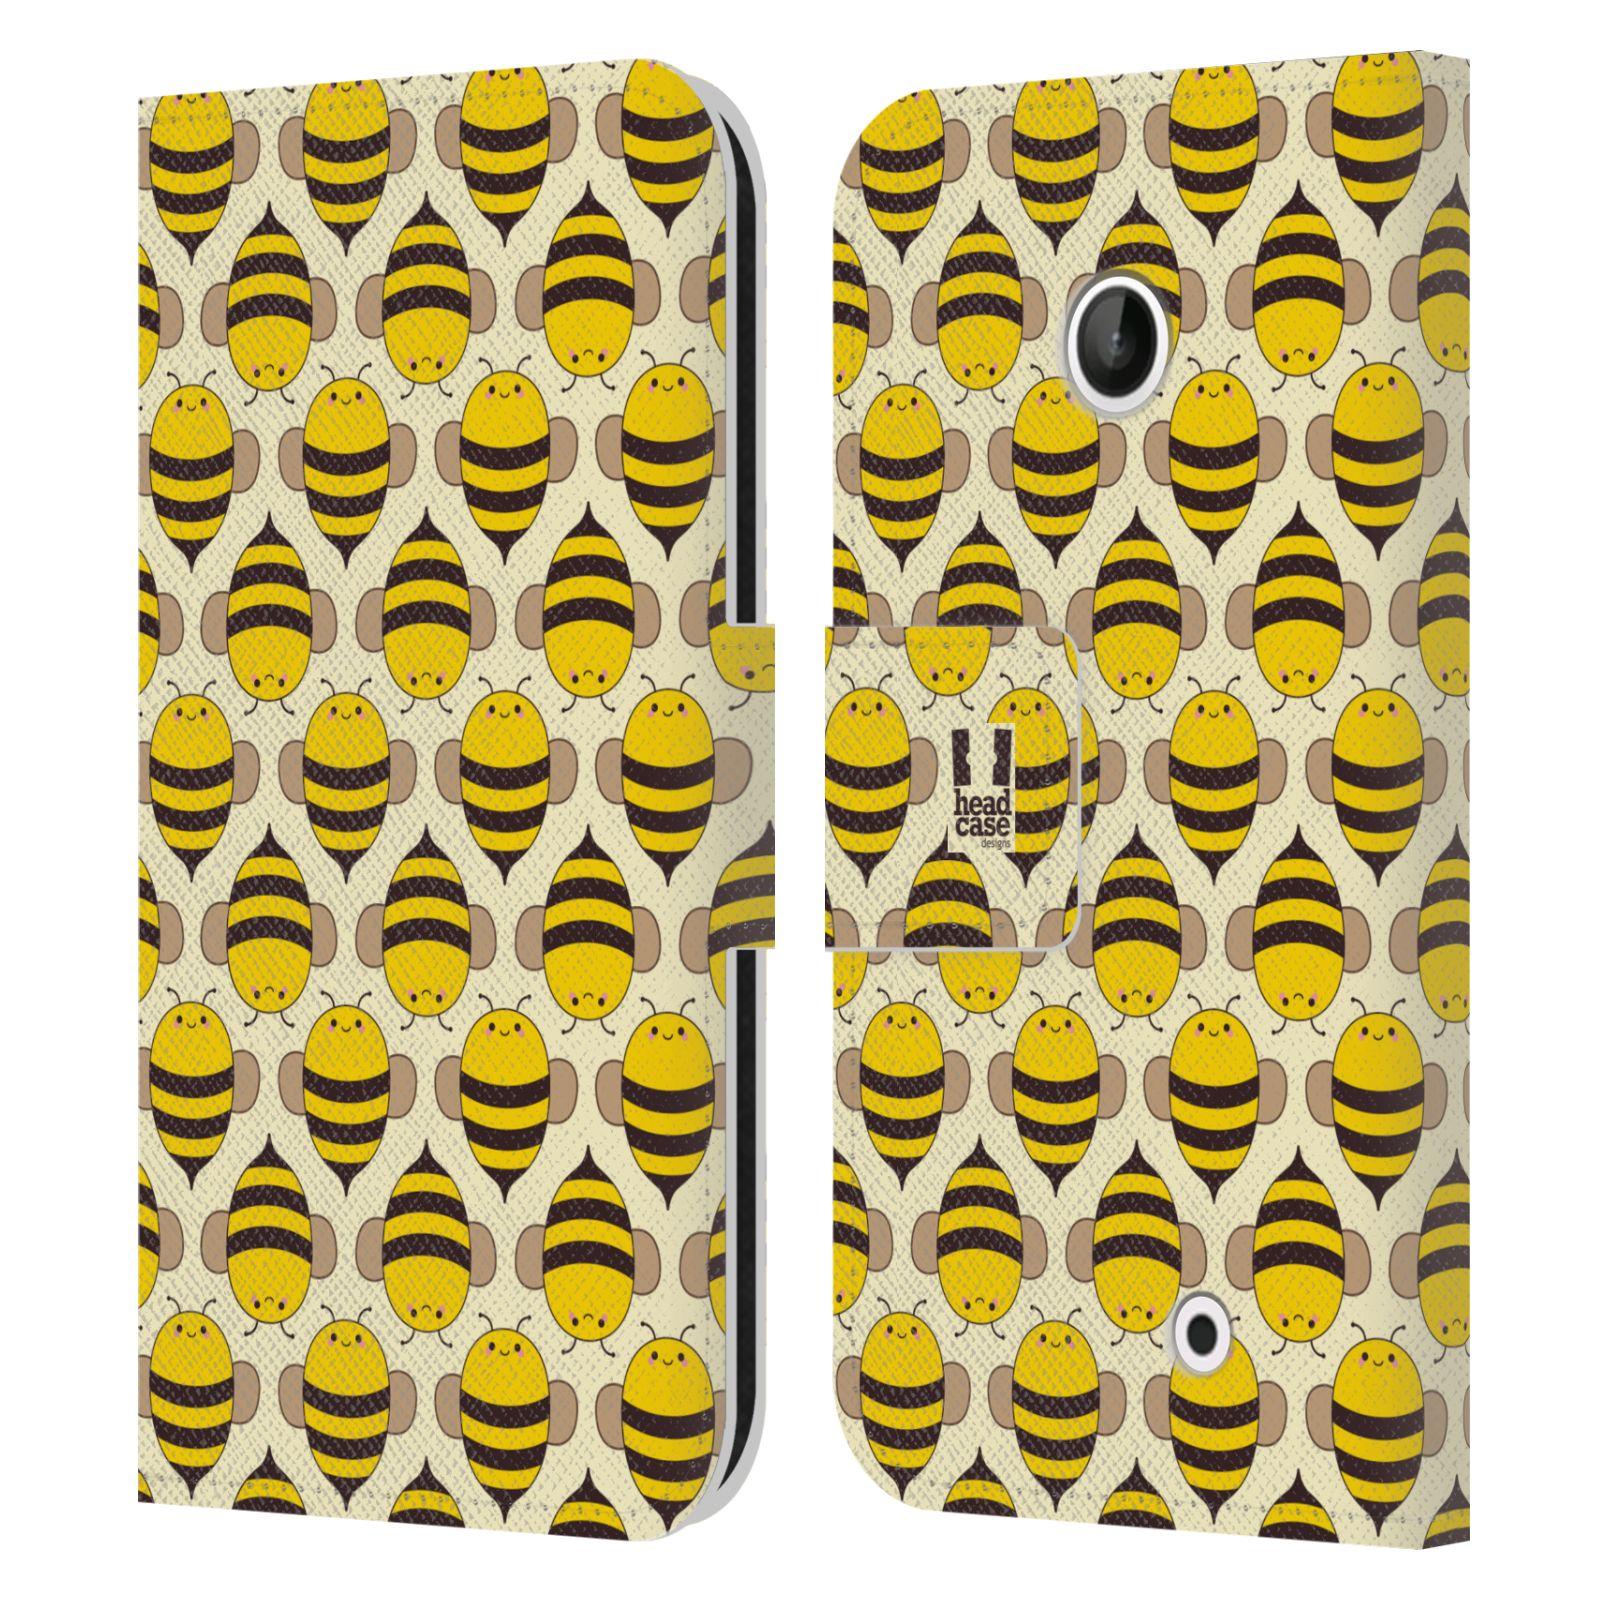 HEAD CASE Flipové pouzdro pro mobil NOKIA LUMIA 630 / LUMIA 630 DUAL VČELÍ VZOR kolonie včelek